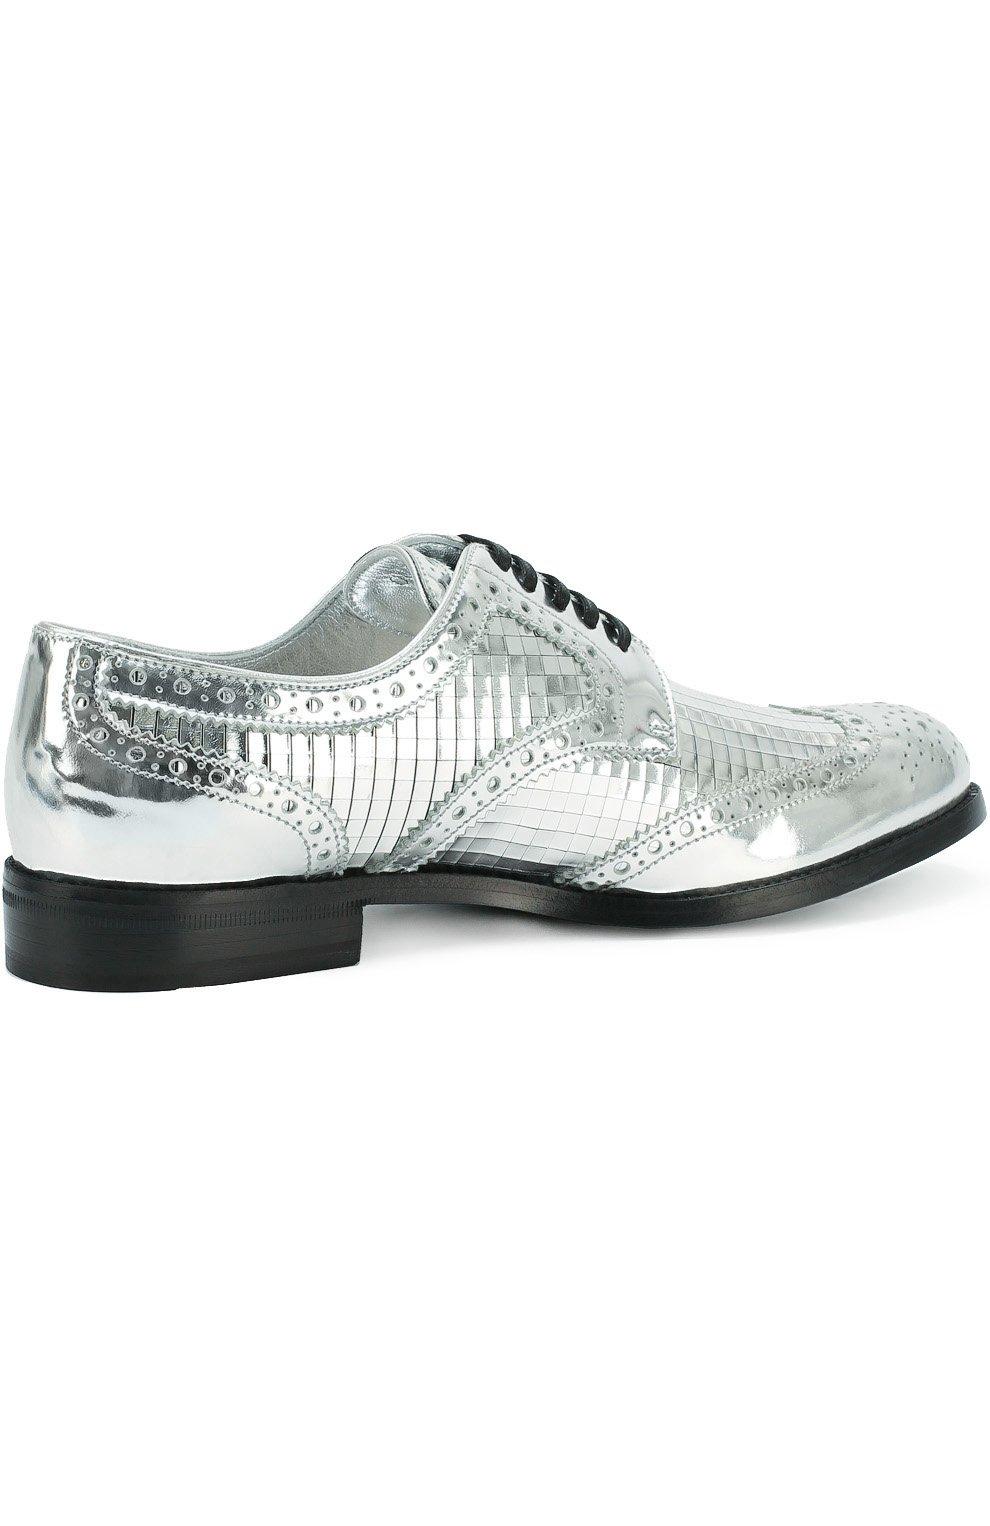 Дерби Boy Donna из металлизированной кожи Dolce & Gabbana серебряные | Фото №4